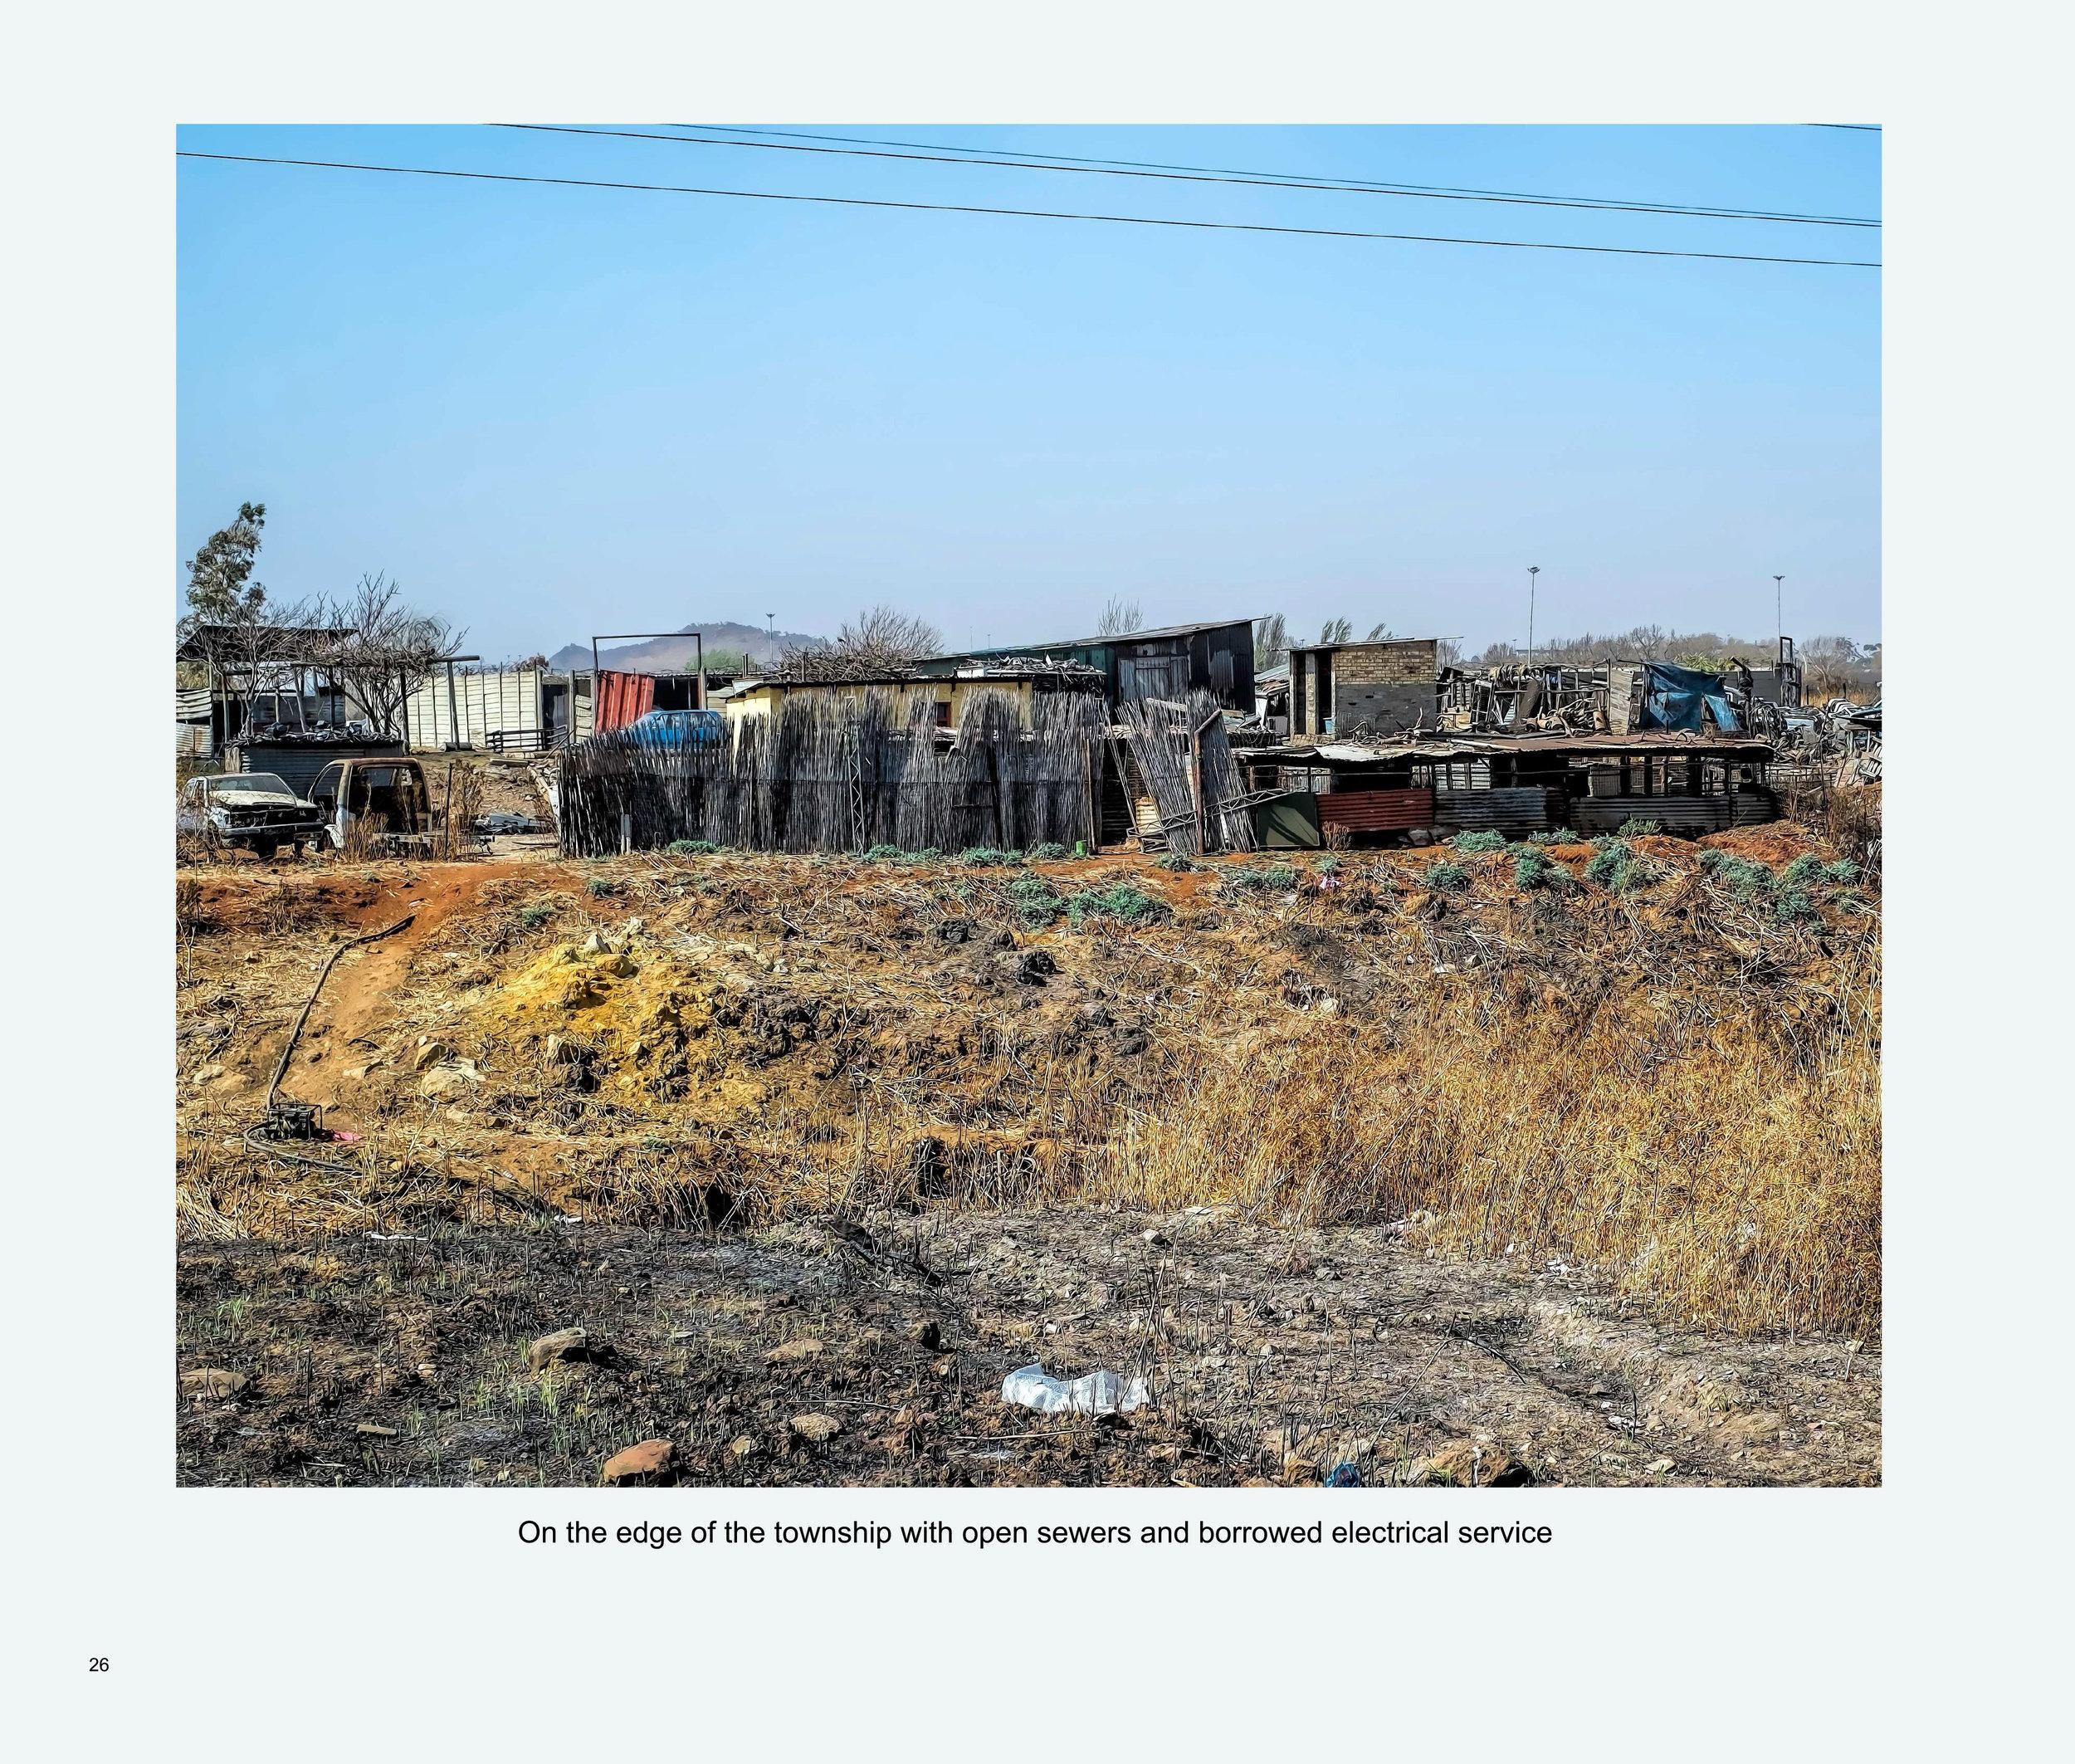 ImagesASouthernAfricaRoadTrip-28.jpg